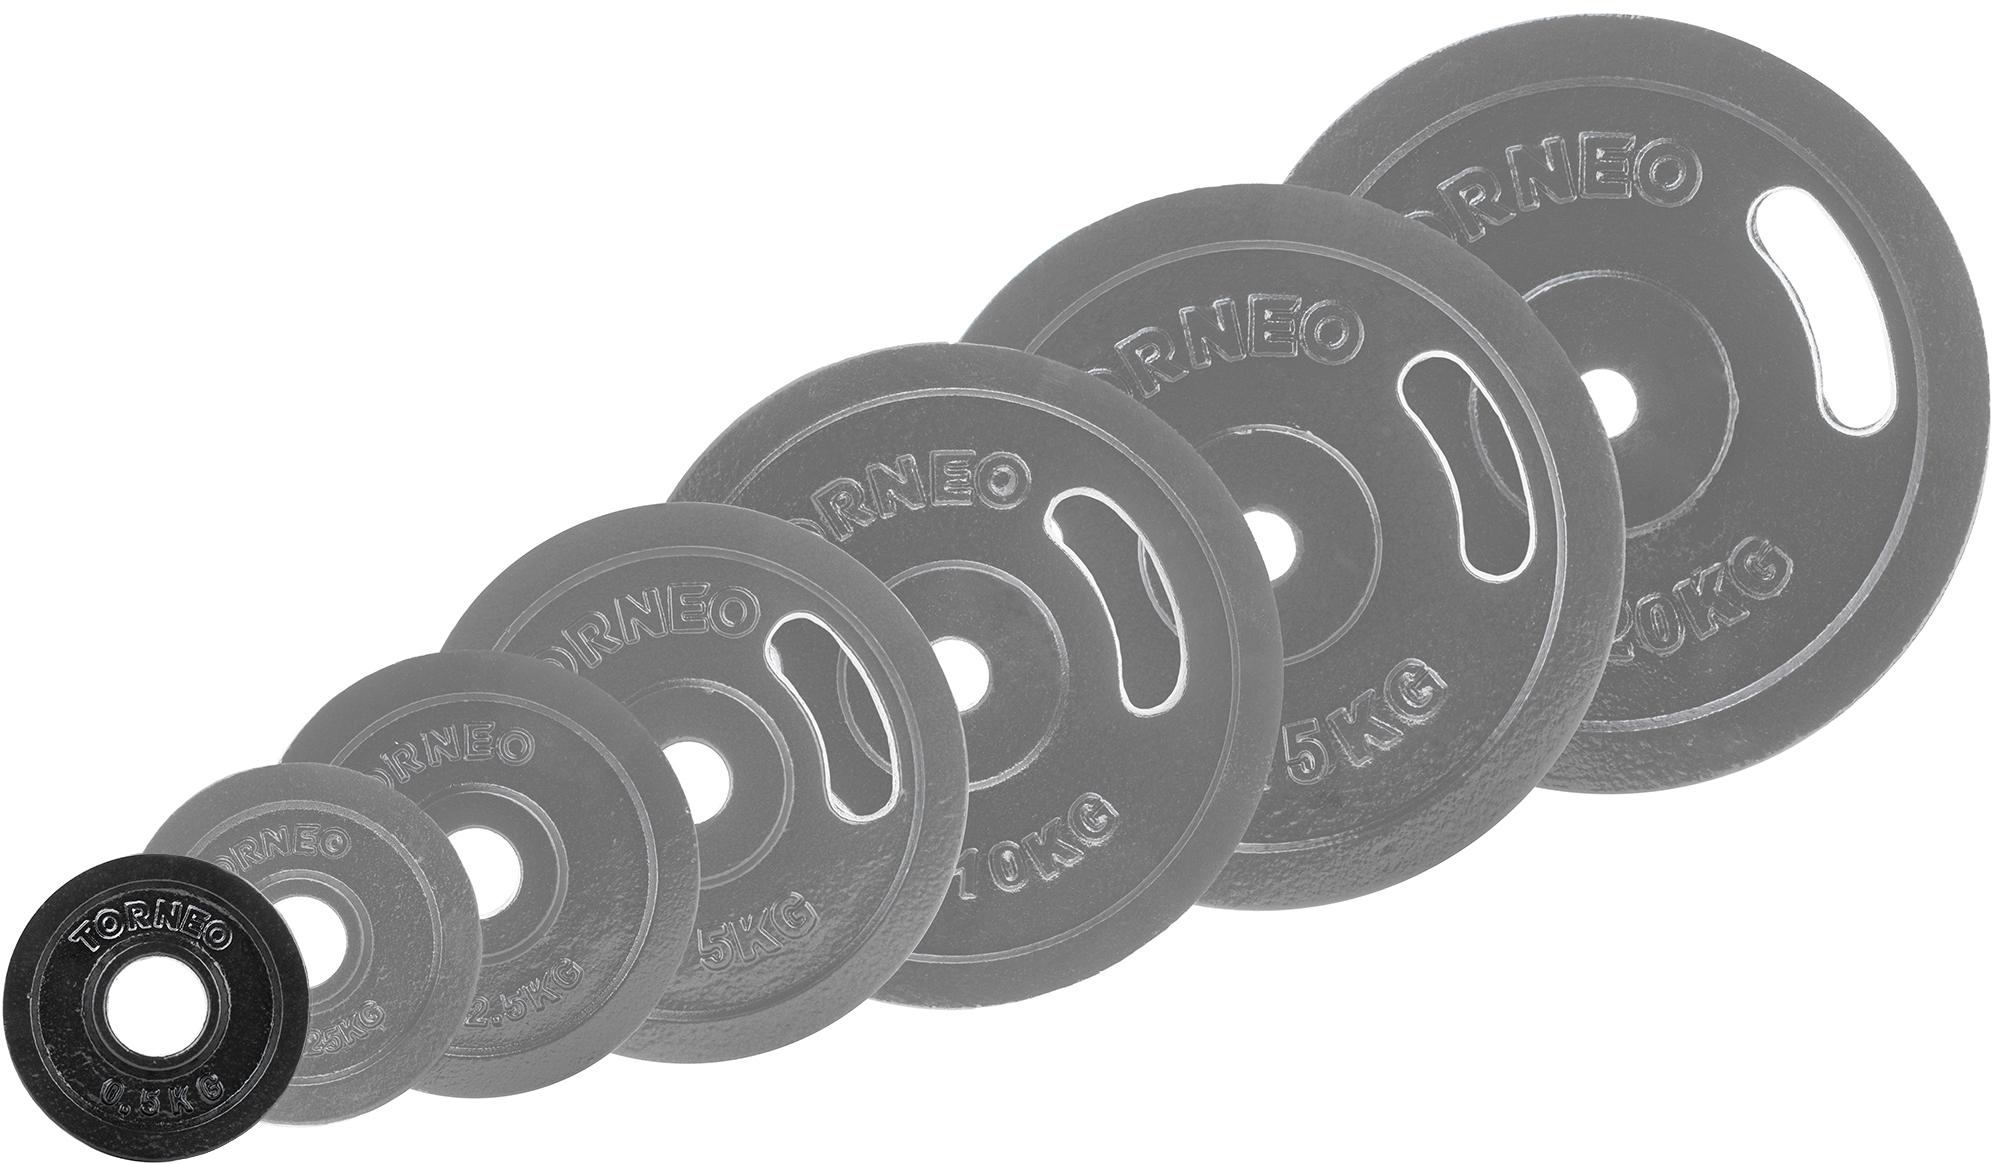 Torneo Блин Torneo стальной 0,5 кг